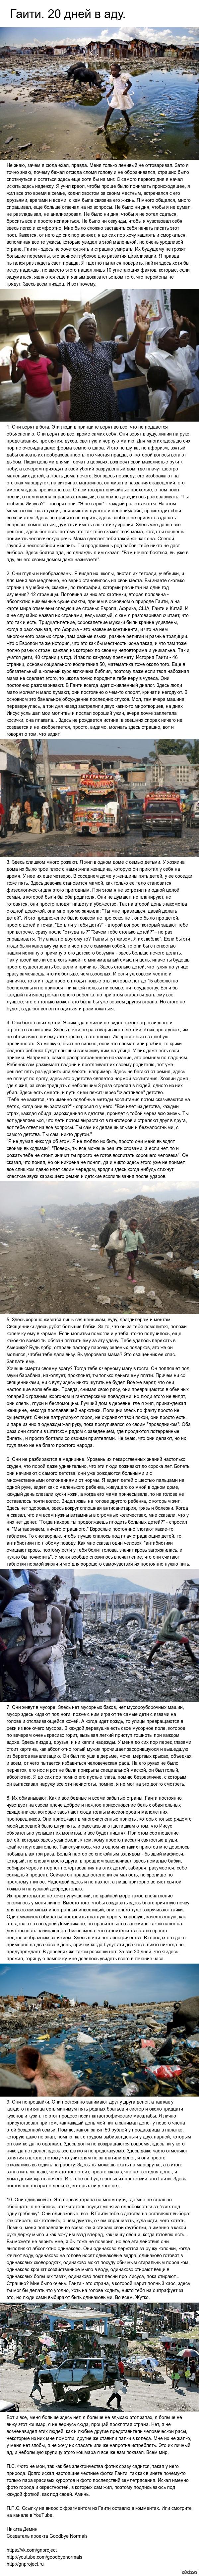 Гаити. 20 дней в аду. Создатель проекта GoodbyeNormals Никита Демин провел 20 дней в одной из беднейших стран мира - Гаити